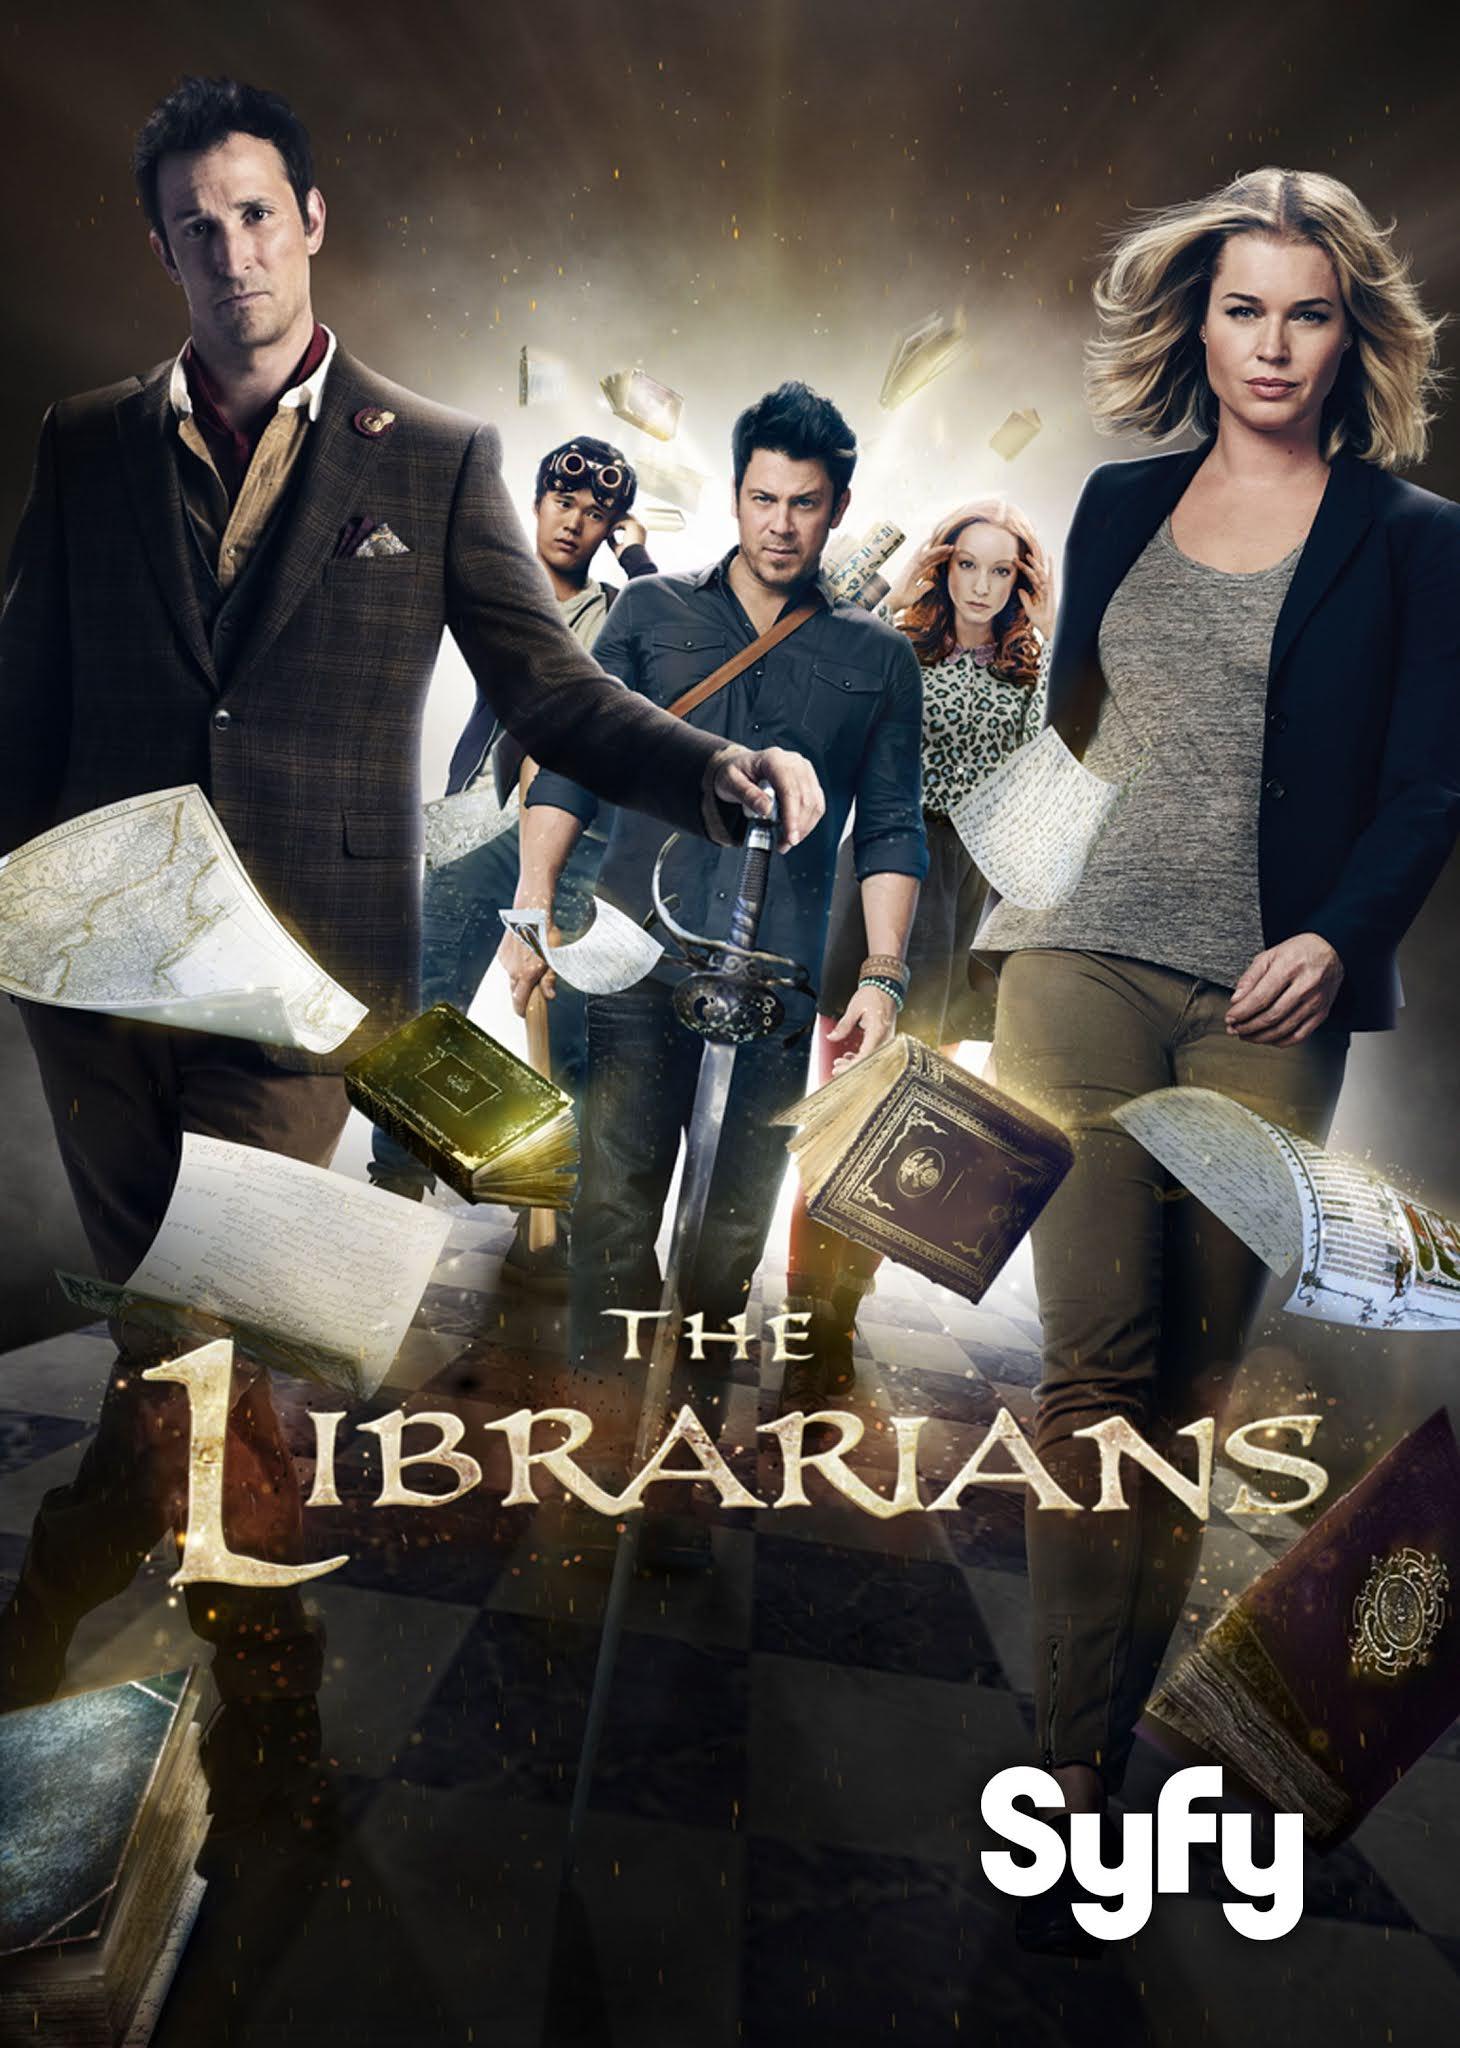 The Librarians Serie Completa Subtitulado